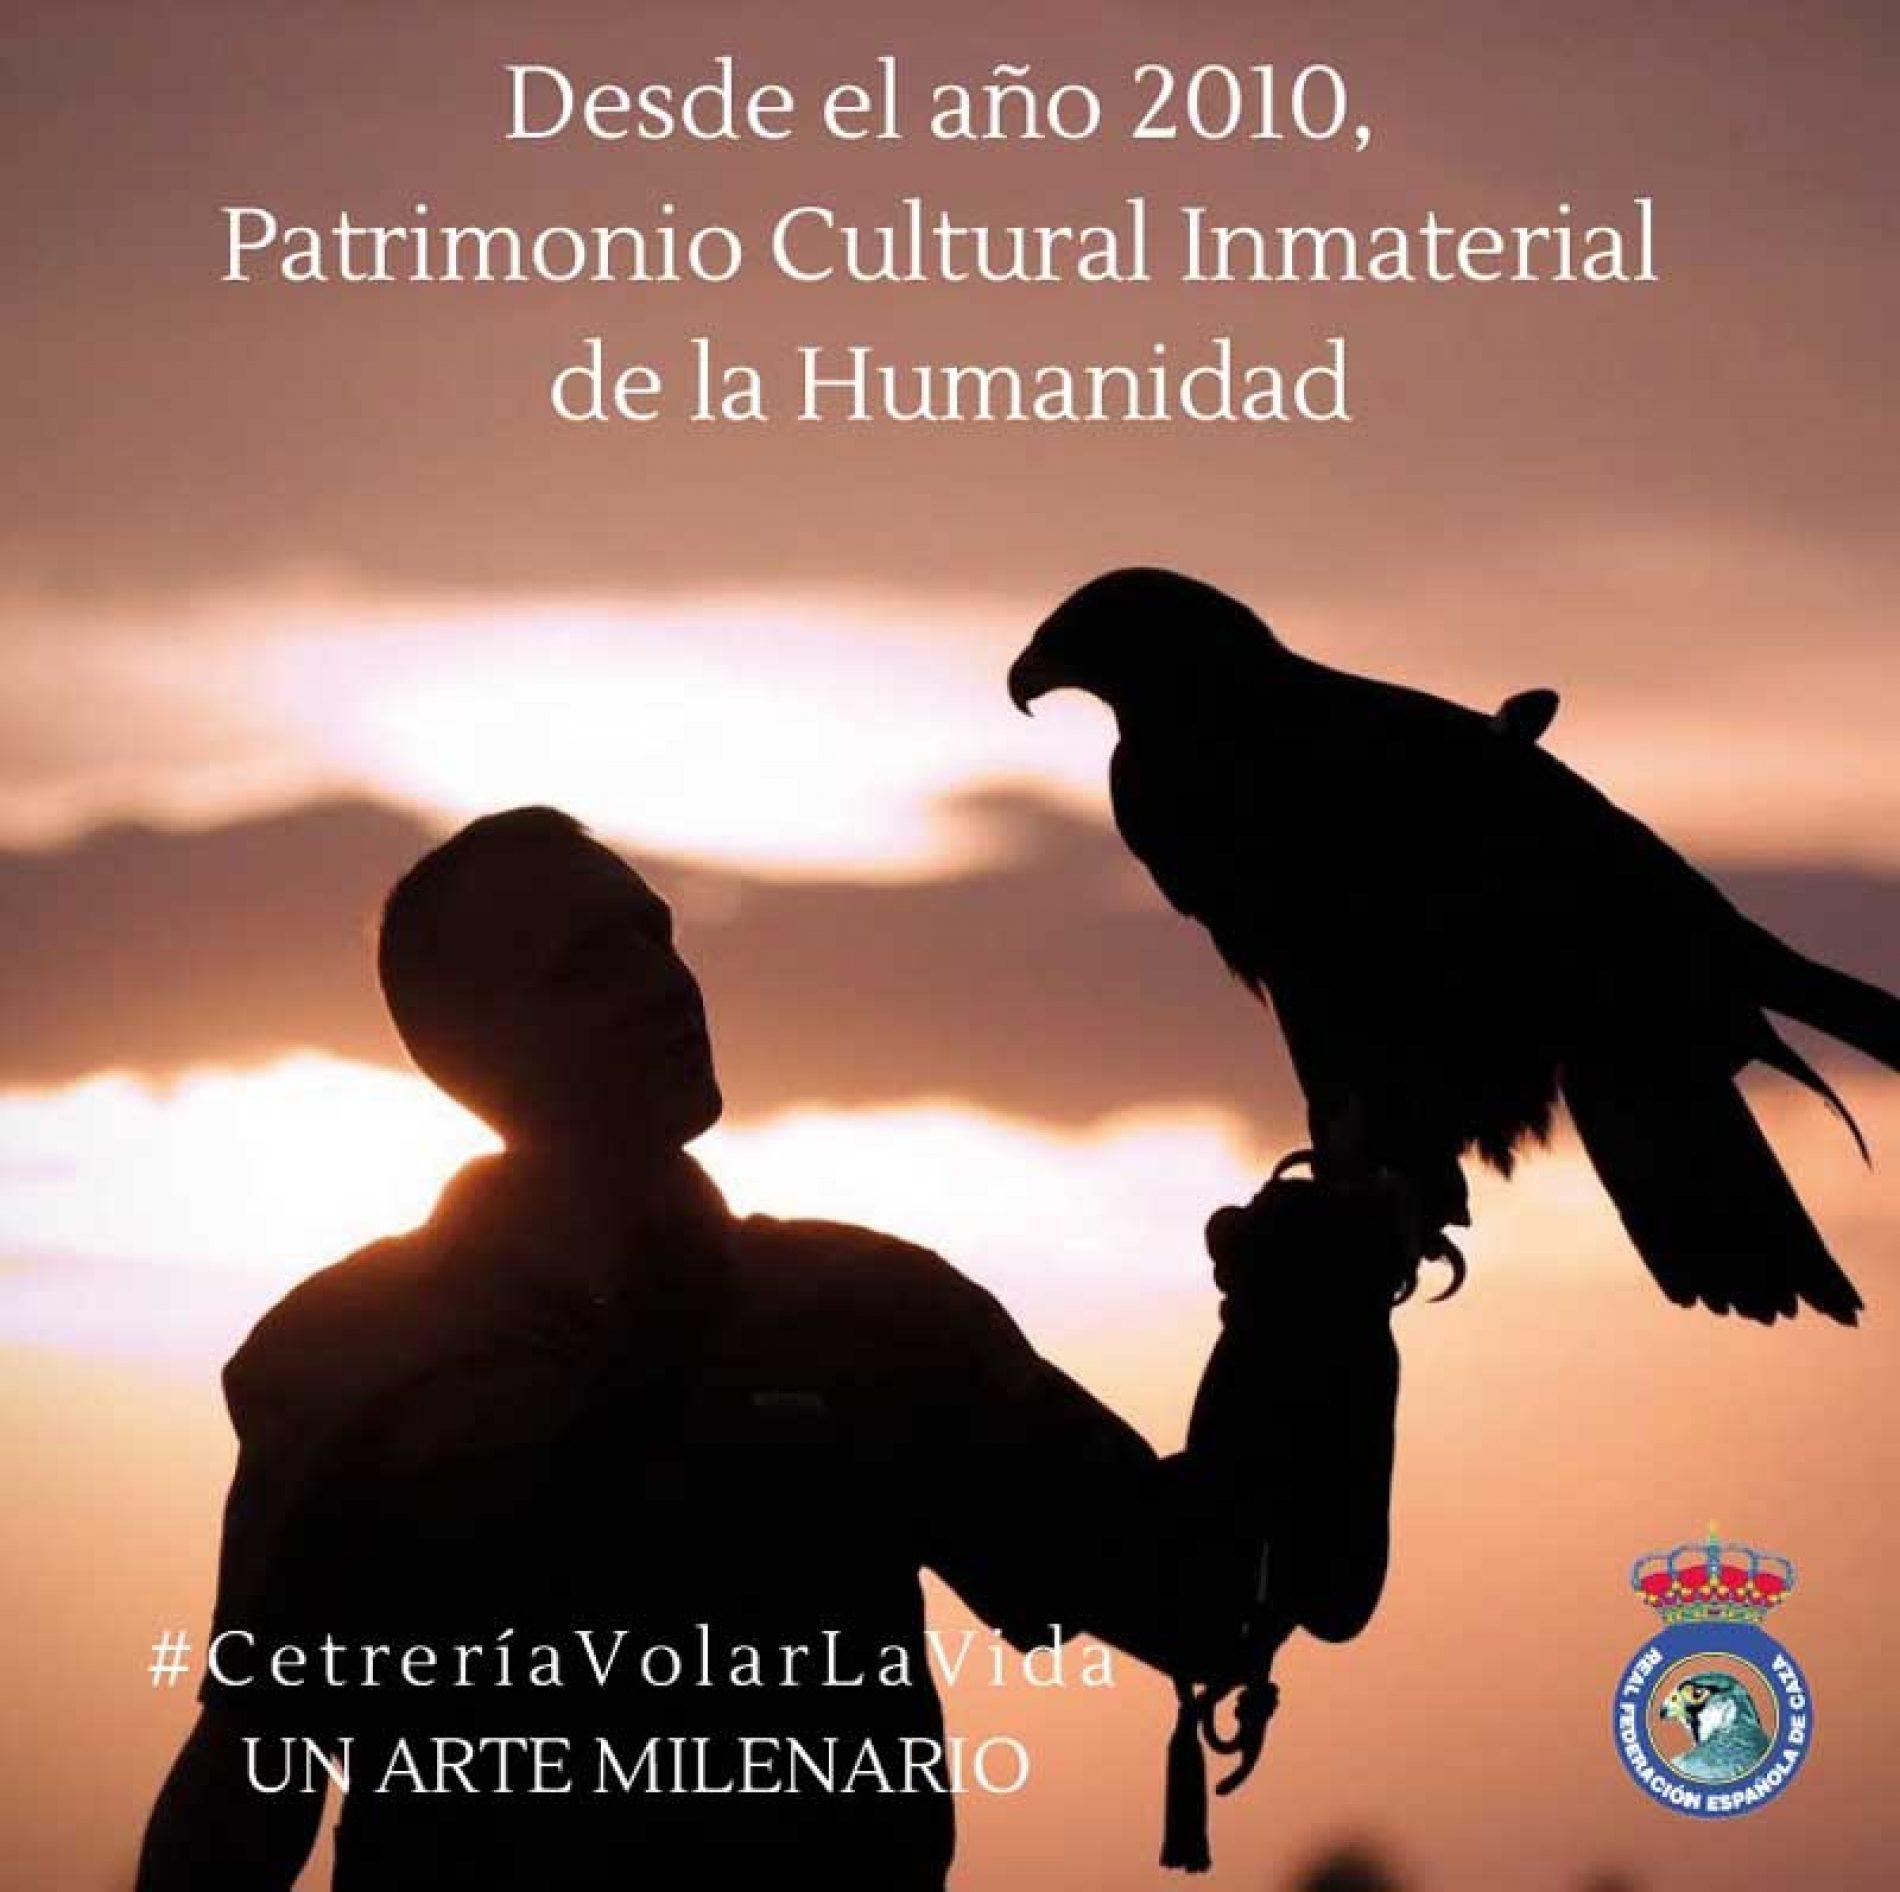 La RFEC inicia la campaña #CetreríaVolarLaVida para fomentar esta tradición de caza milenaria